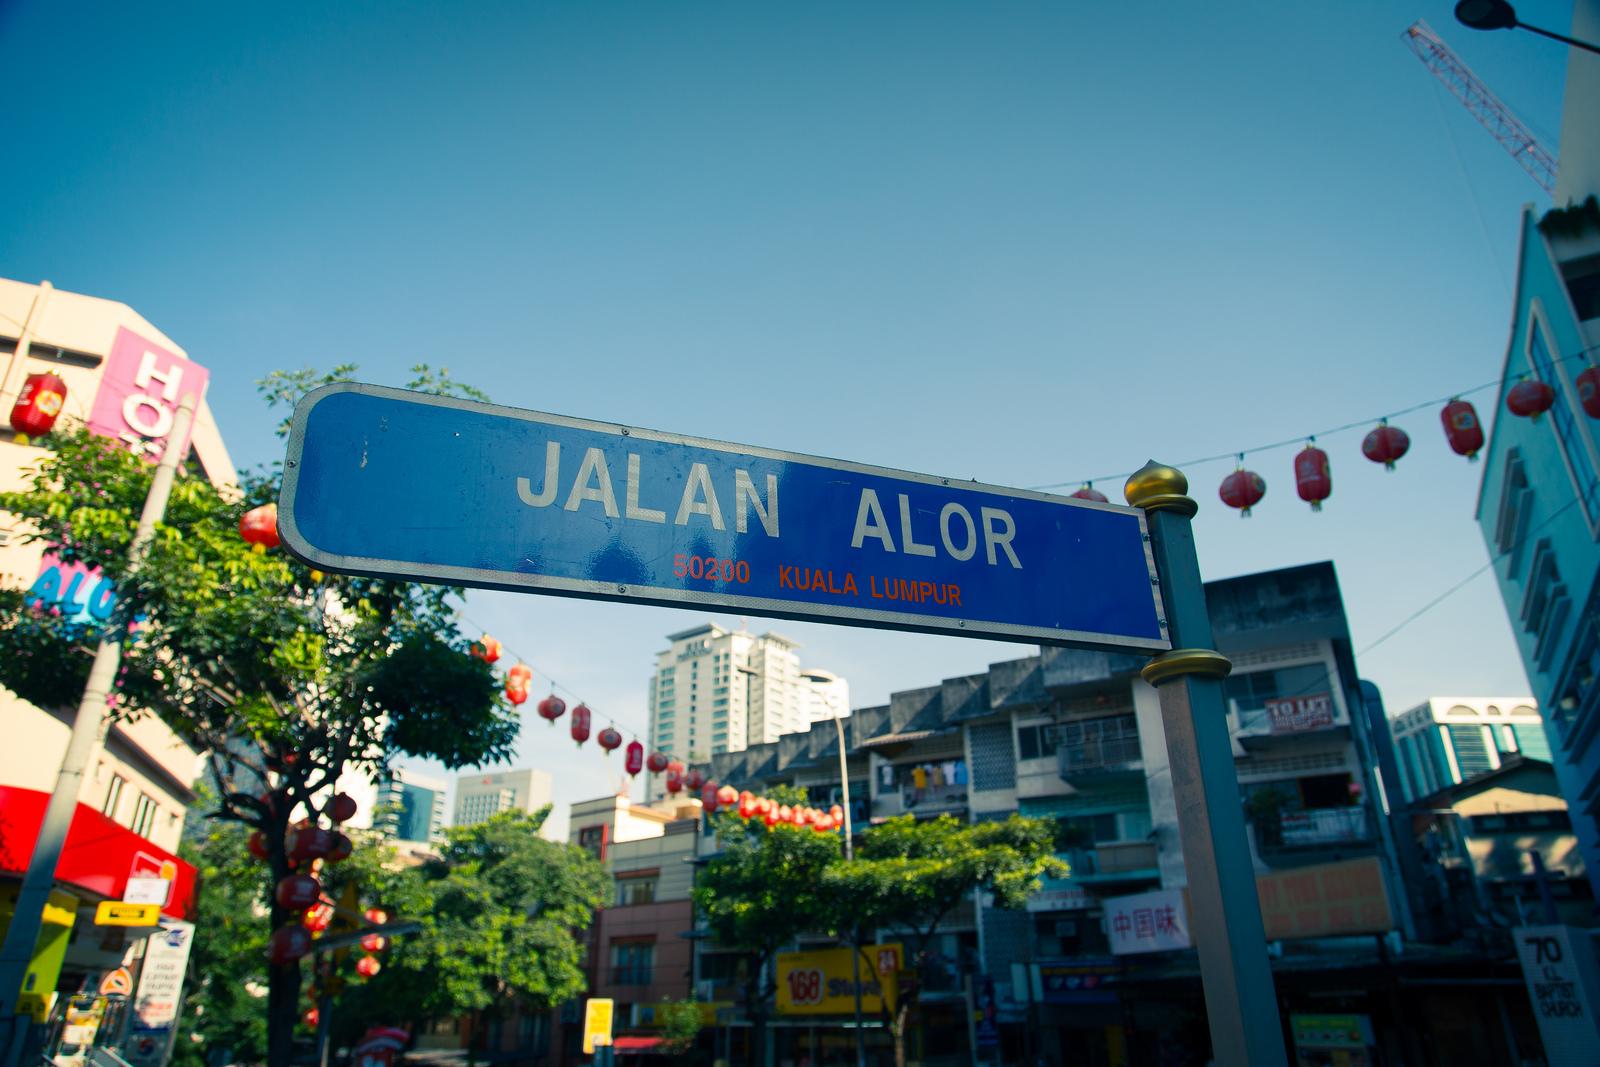 Jalan Alor